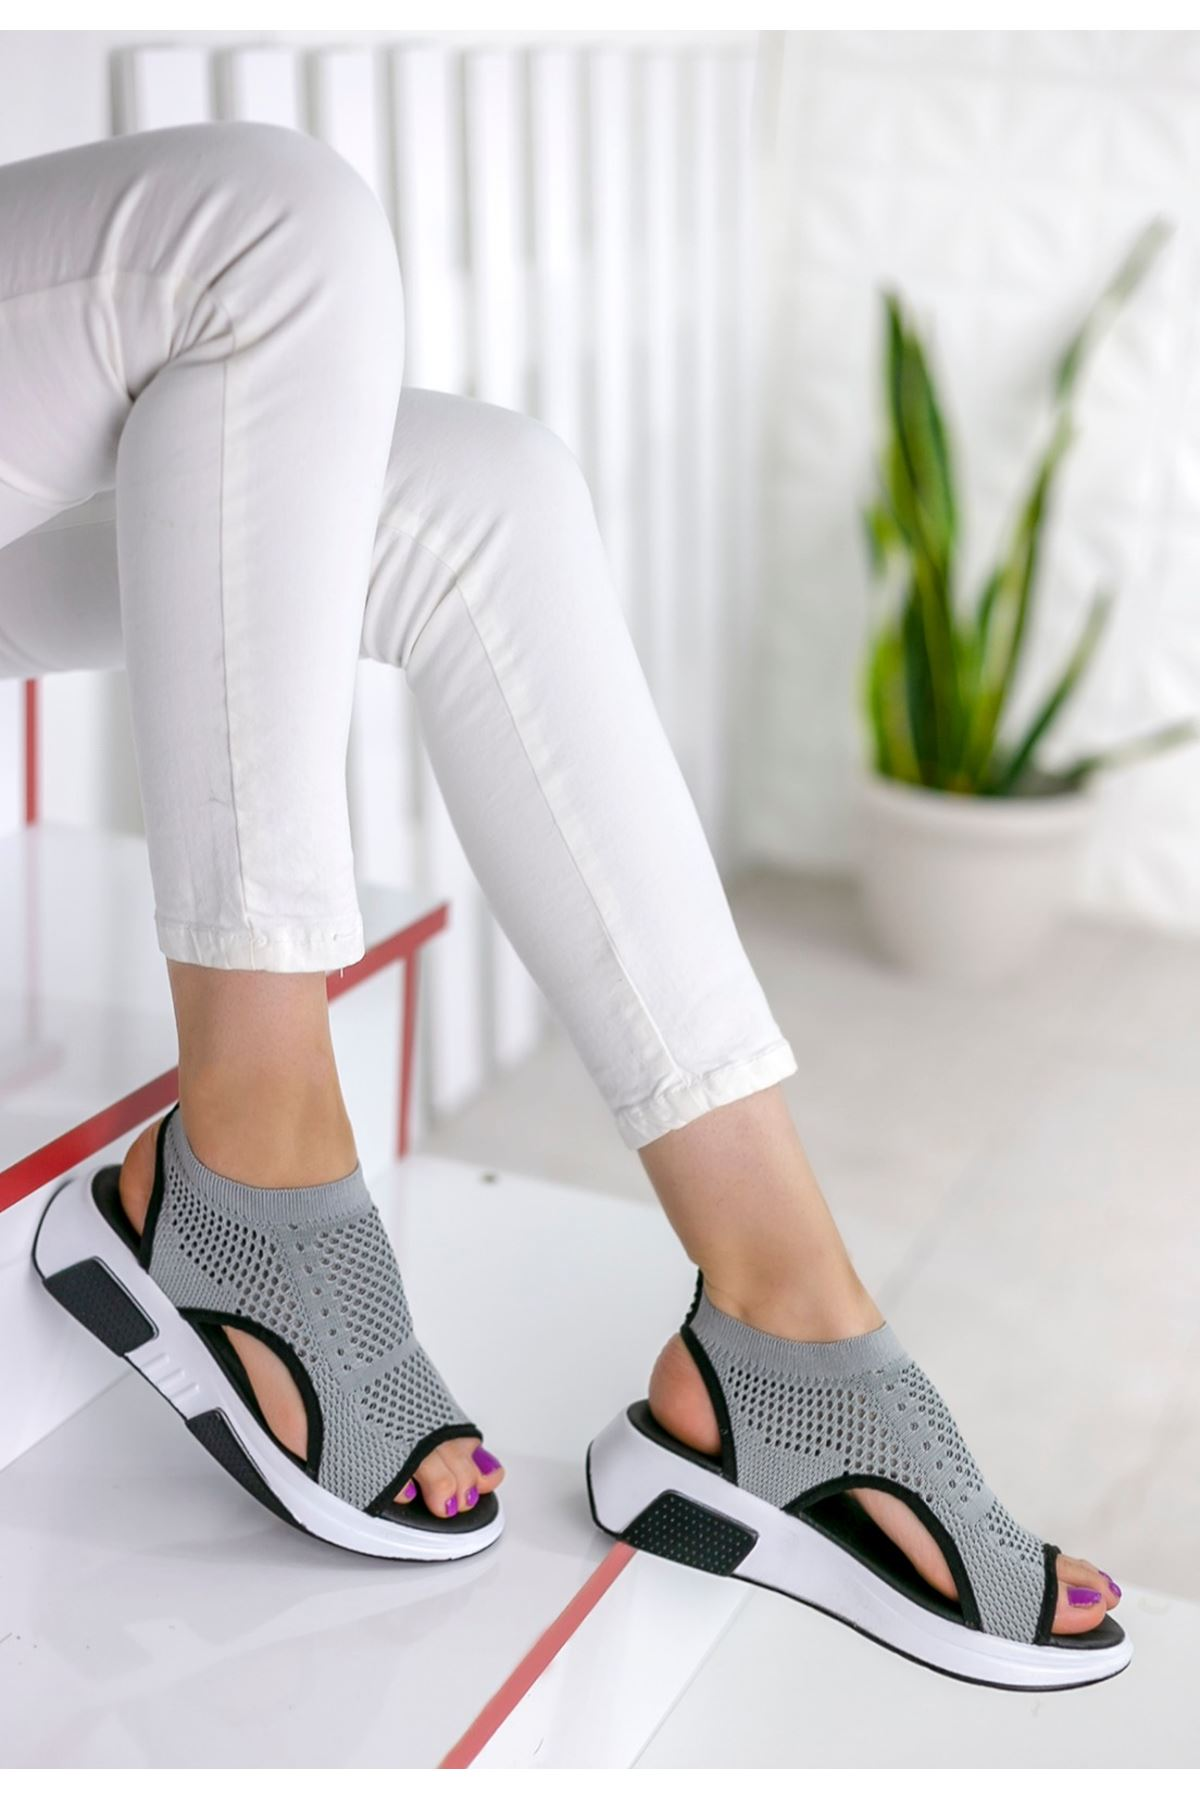 Ashley Çelik Örgü Triko Sandalet Gri